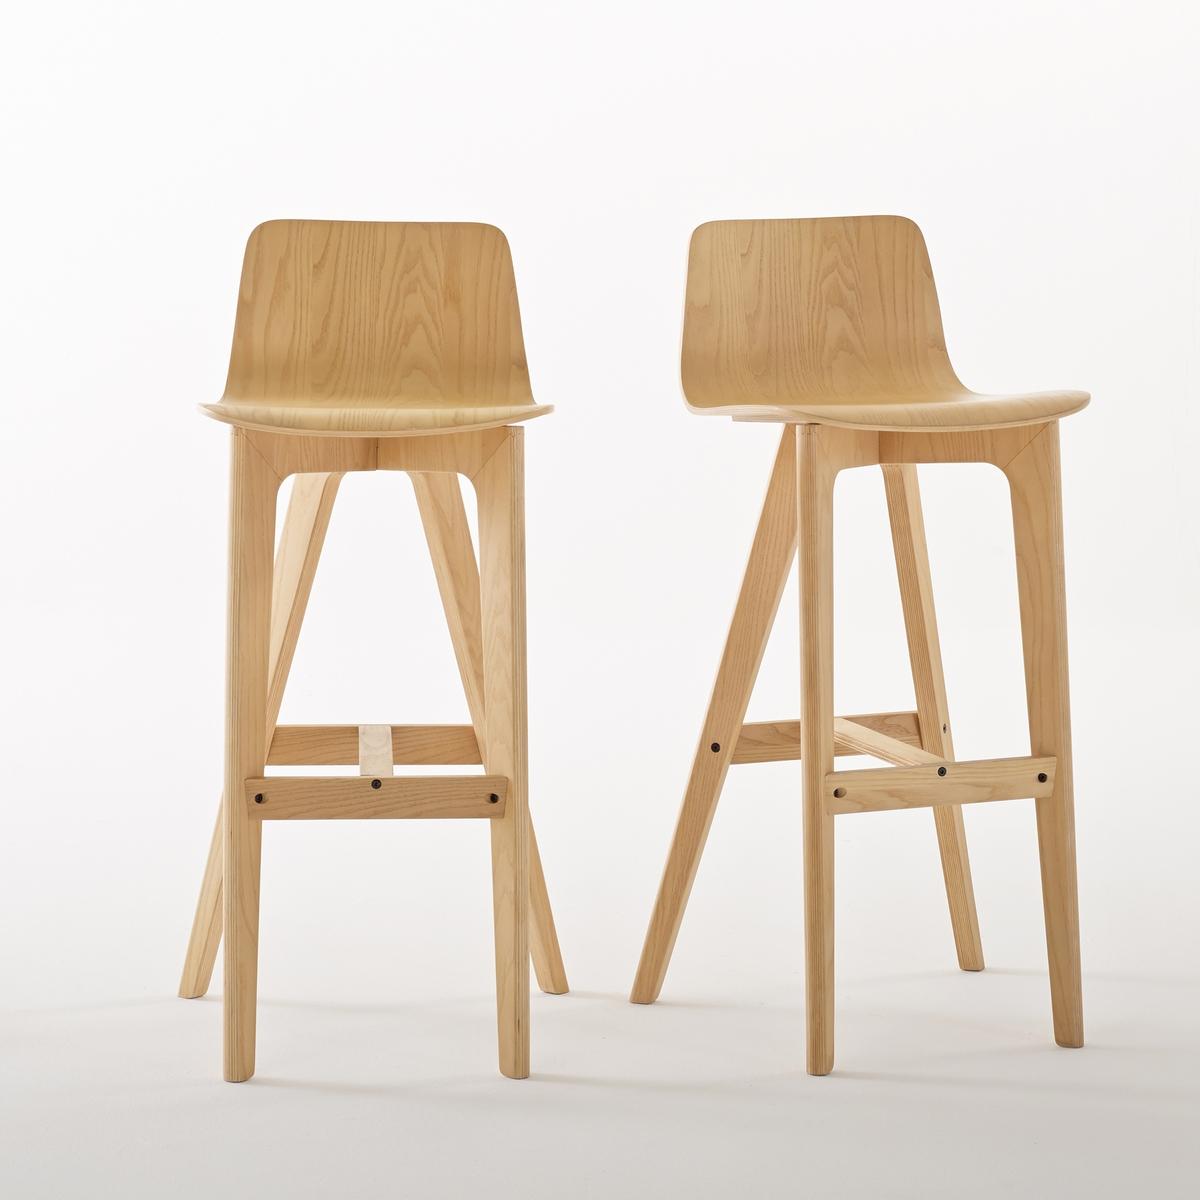 Комплект из 2 высоких дизайнерских стульев, Biface от La Redoute